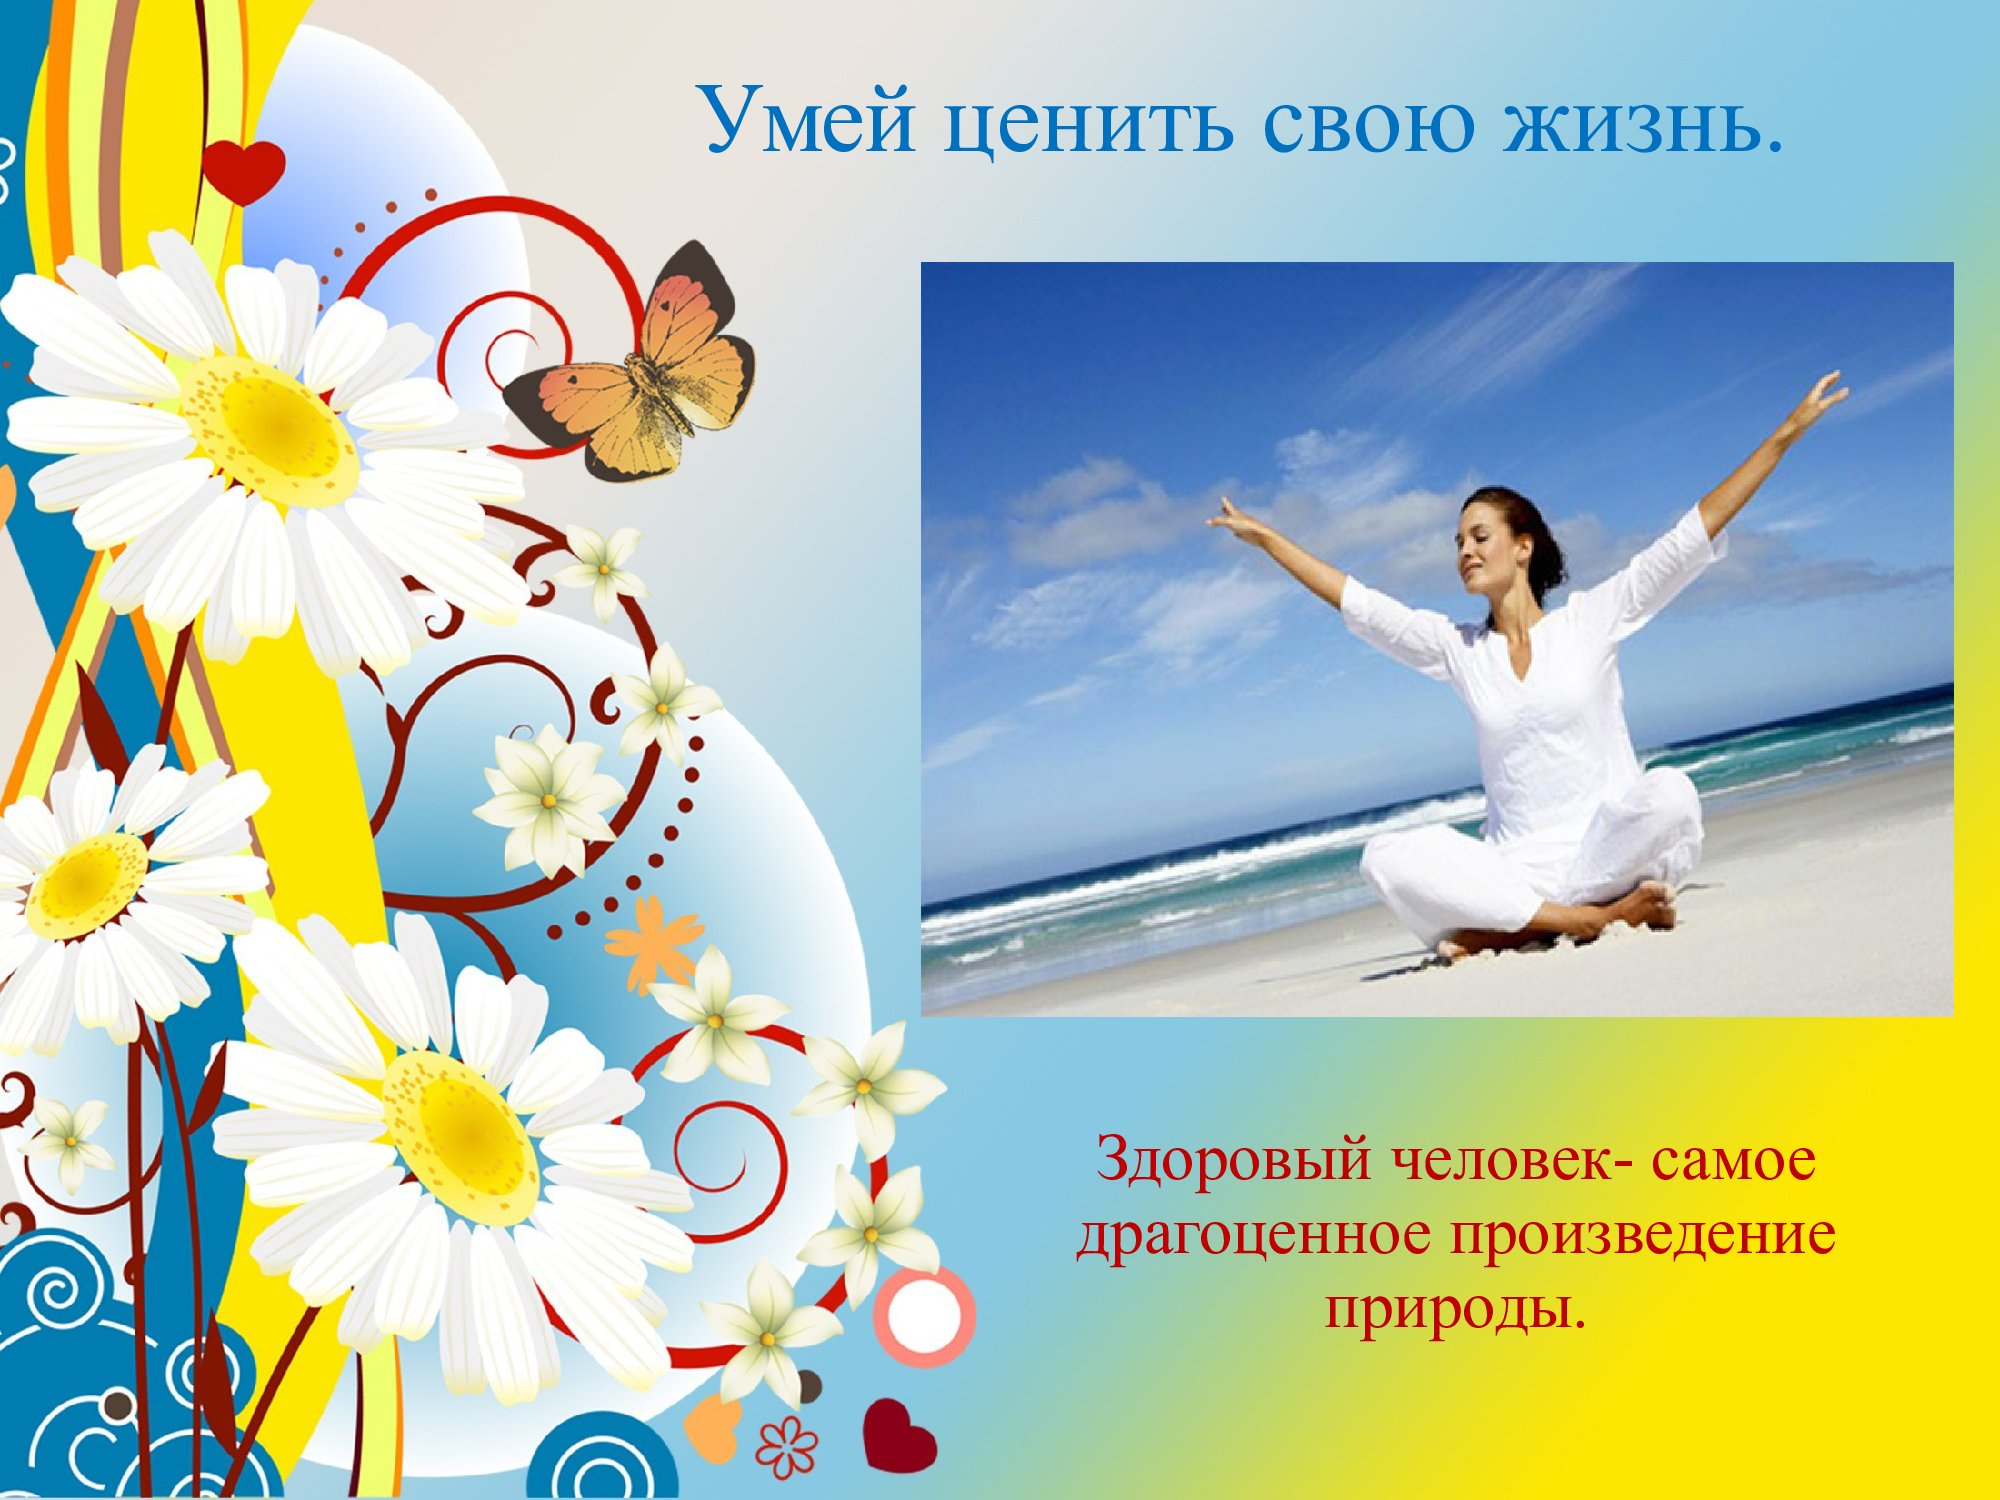 C:\Users\1\Desktop\Здоровый образ жизни- это здорово!\0d3f49af958f89a9-13.jpg